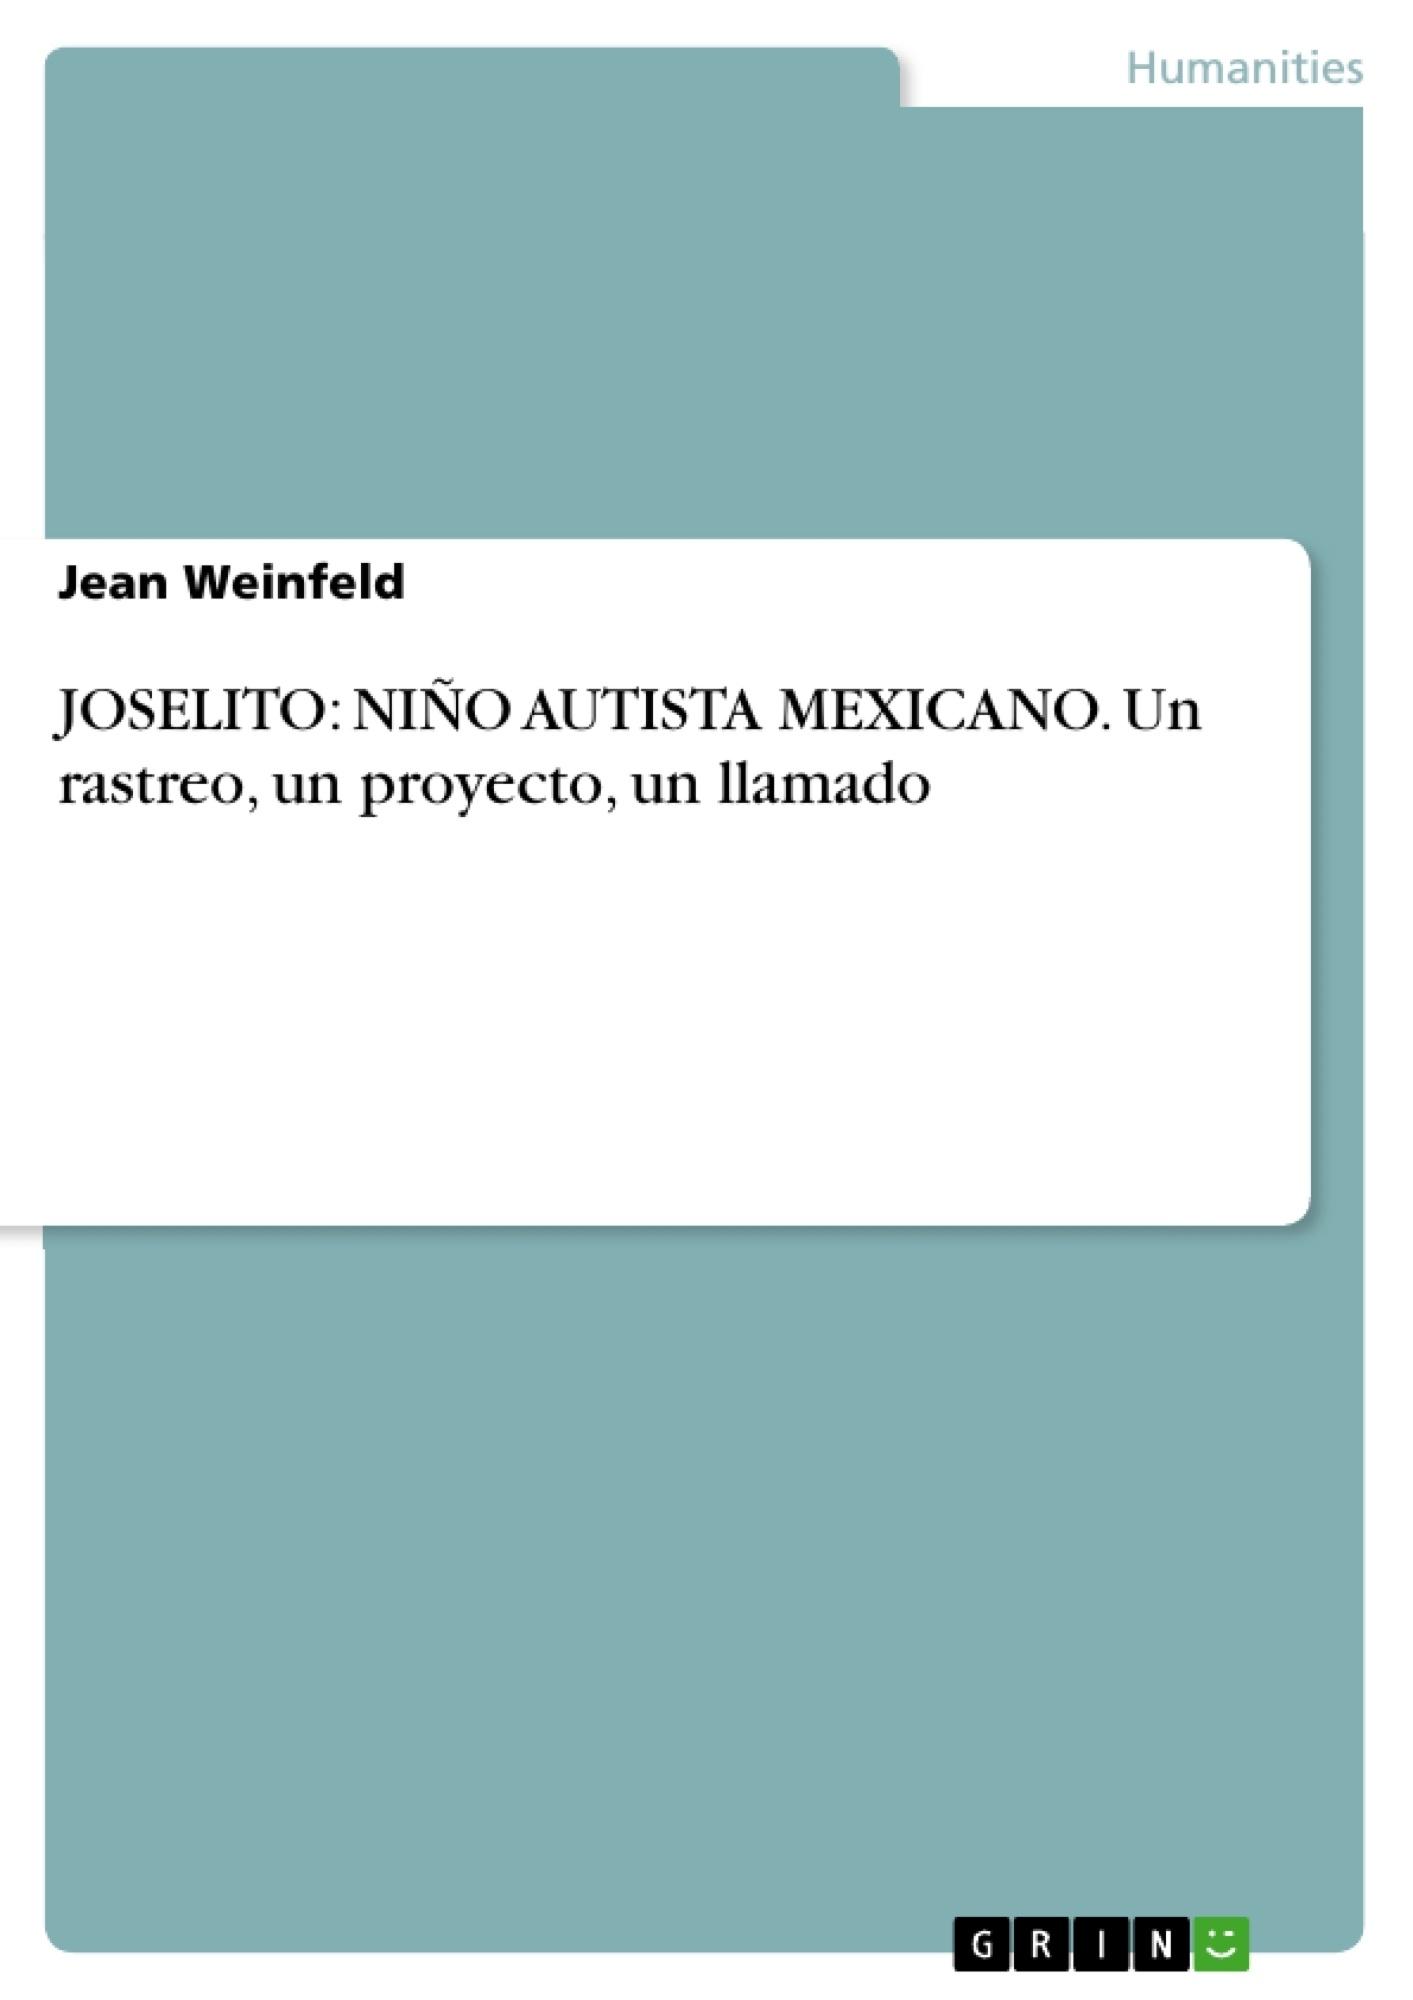 Título: JOSELITO: NIÑO AUTISTA MEXICANO. Un rastreo, un proyecto, un llamado